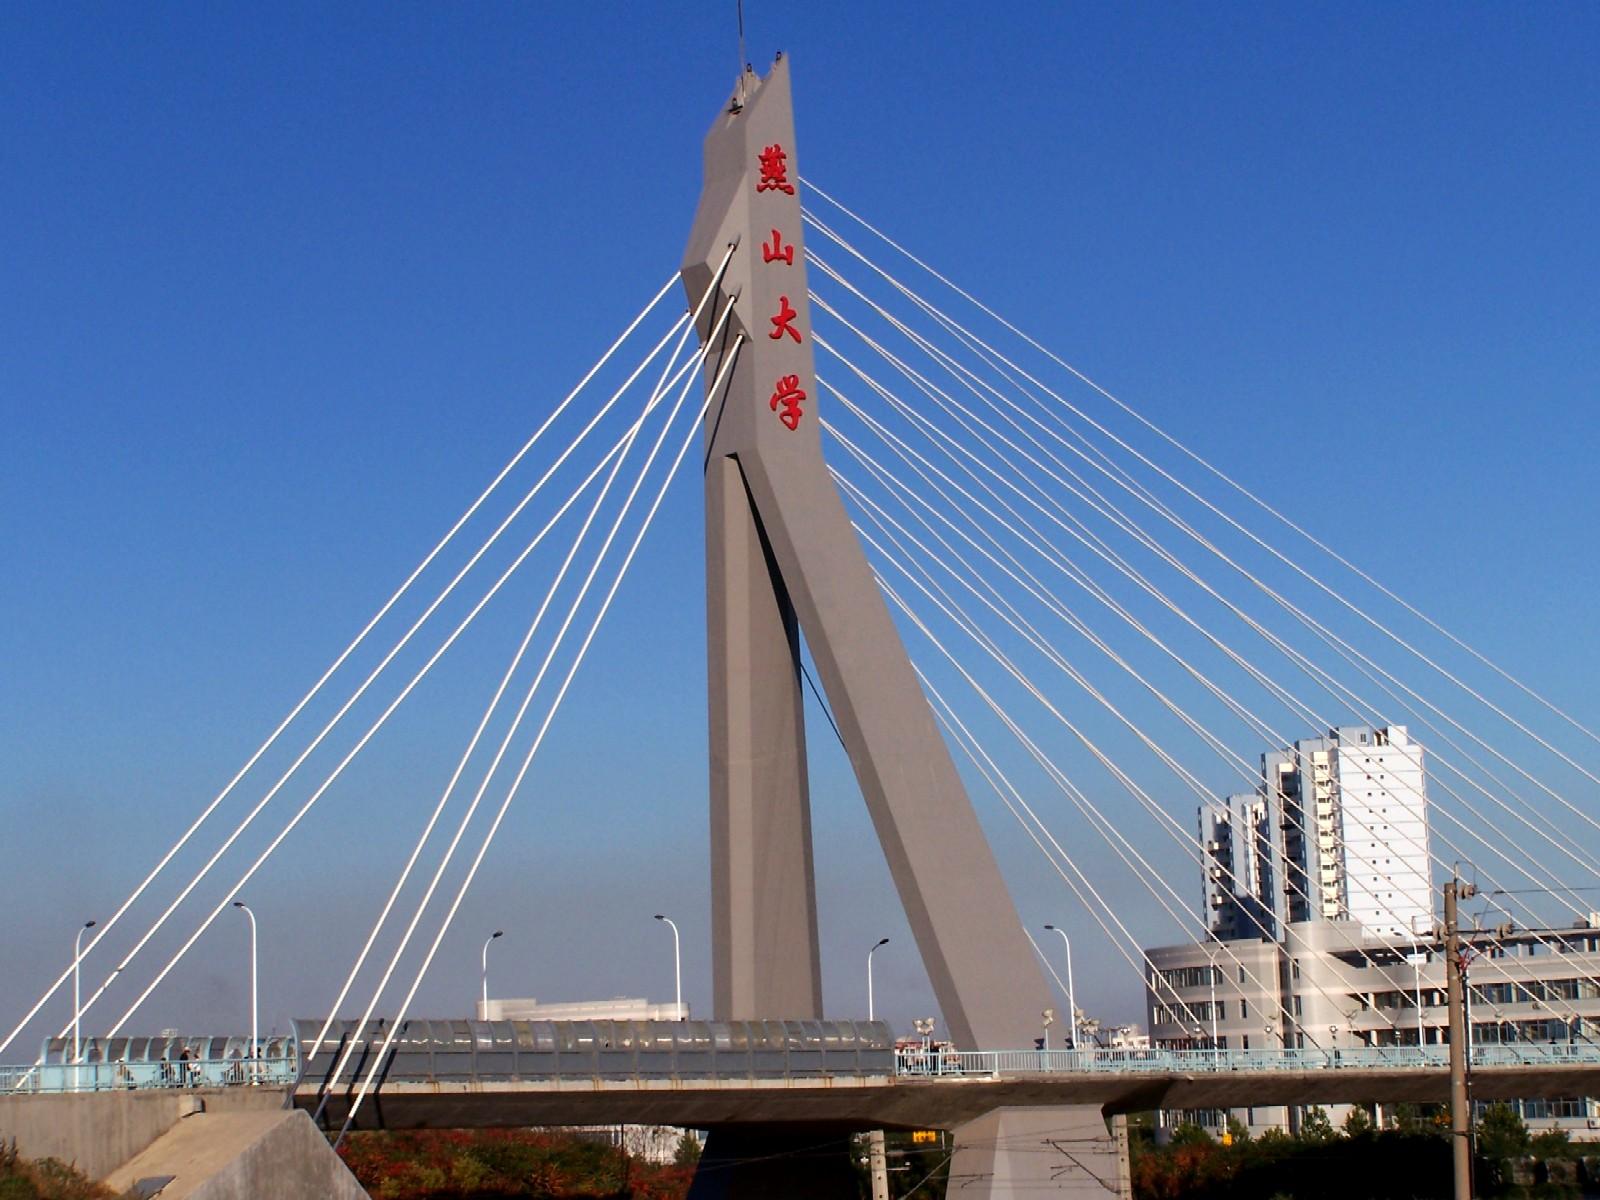 河北秦皇岛·燕山大学立交桥.jpg